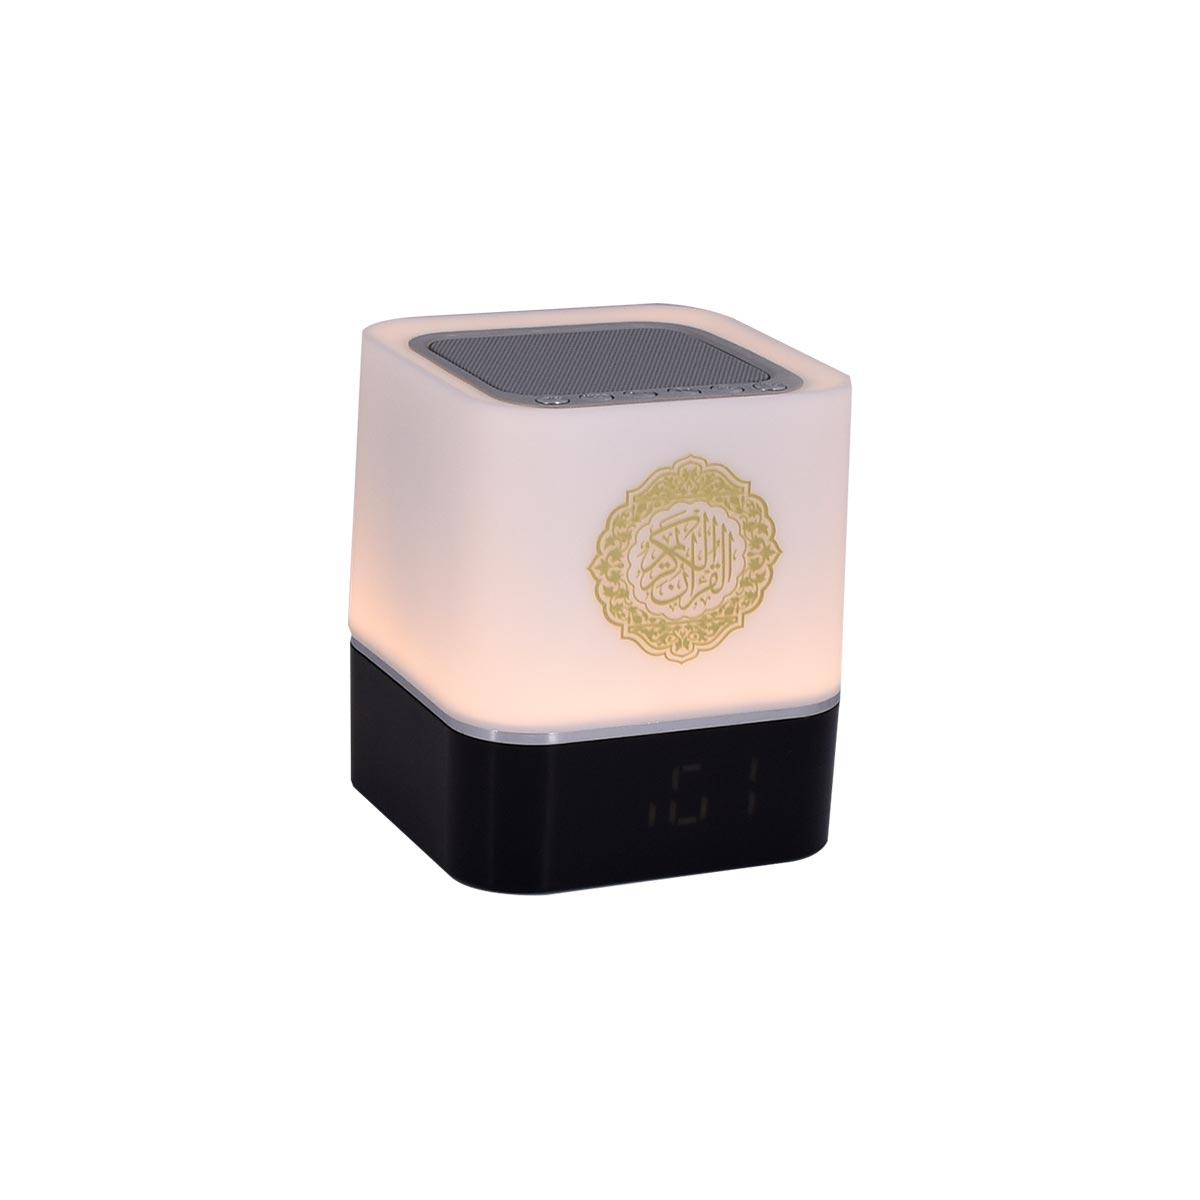 سماعة القران الكريم تلاوة و ترجمة مع جهاز تحكم و مكبر صوت بلوتوث موديل DH79002